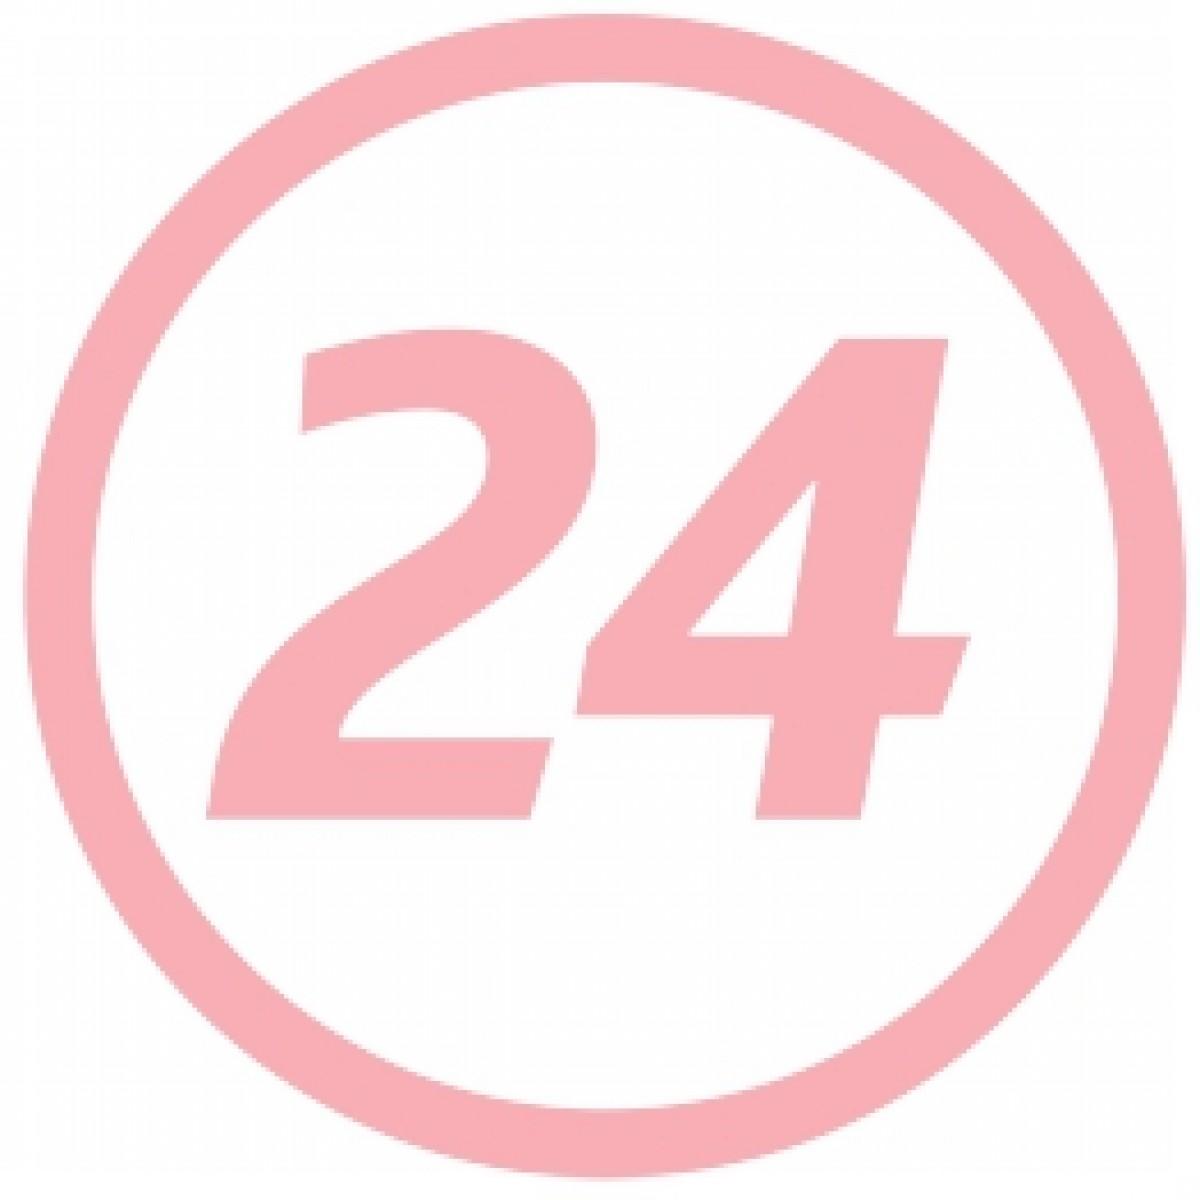 HARTMANN Peha-Taft Classic Manusi Chirurgicale Nepudrate Marimea 6, 6 1/2, 7, 7 1/2, 8, 8 1/2, Latex, Manusi, 50buc